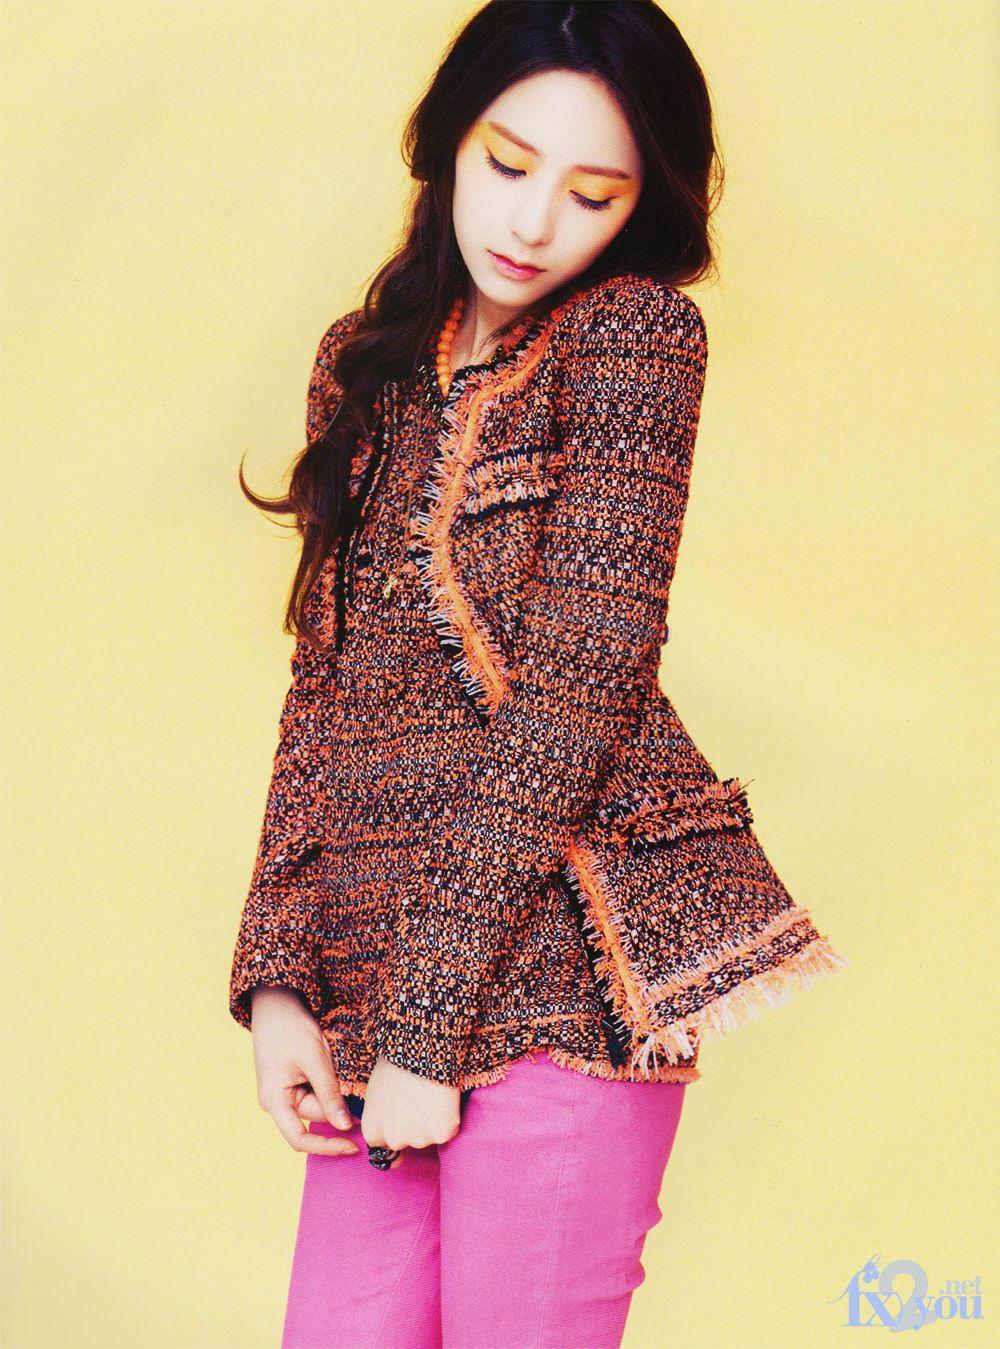 f(x)'s Krystal in Vogue Korea! | Daily K Pop News F(x) Krystal 2013